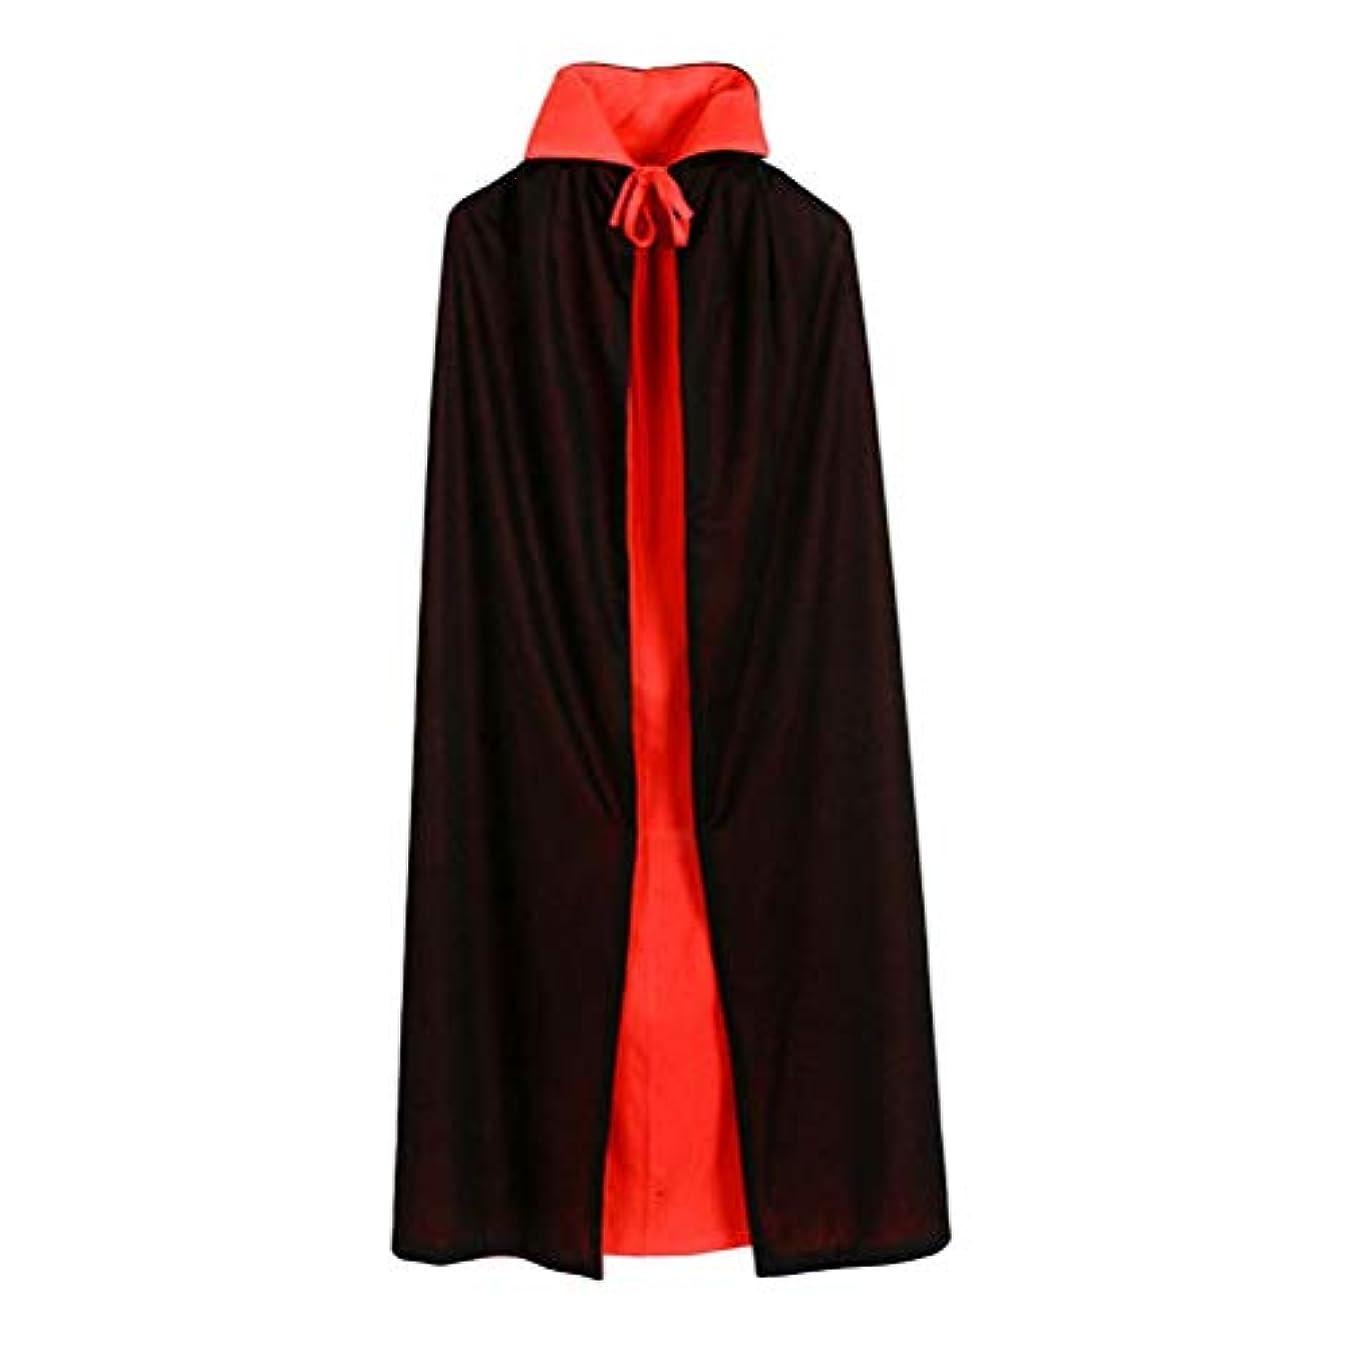 肝ドームベルToyvian ヴァンパイアマント二重層黒と赤のフード付きマントヴァンパイアコスチュームコスプレケープは男の子と女の子のためにドレスアップ(90cmストレートカラーダブルマント)